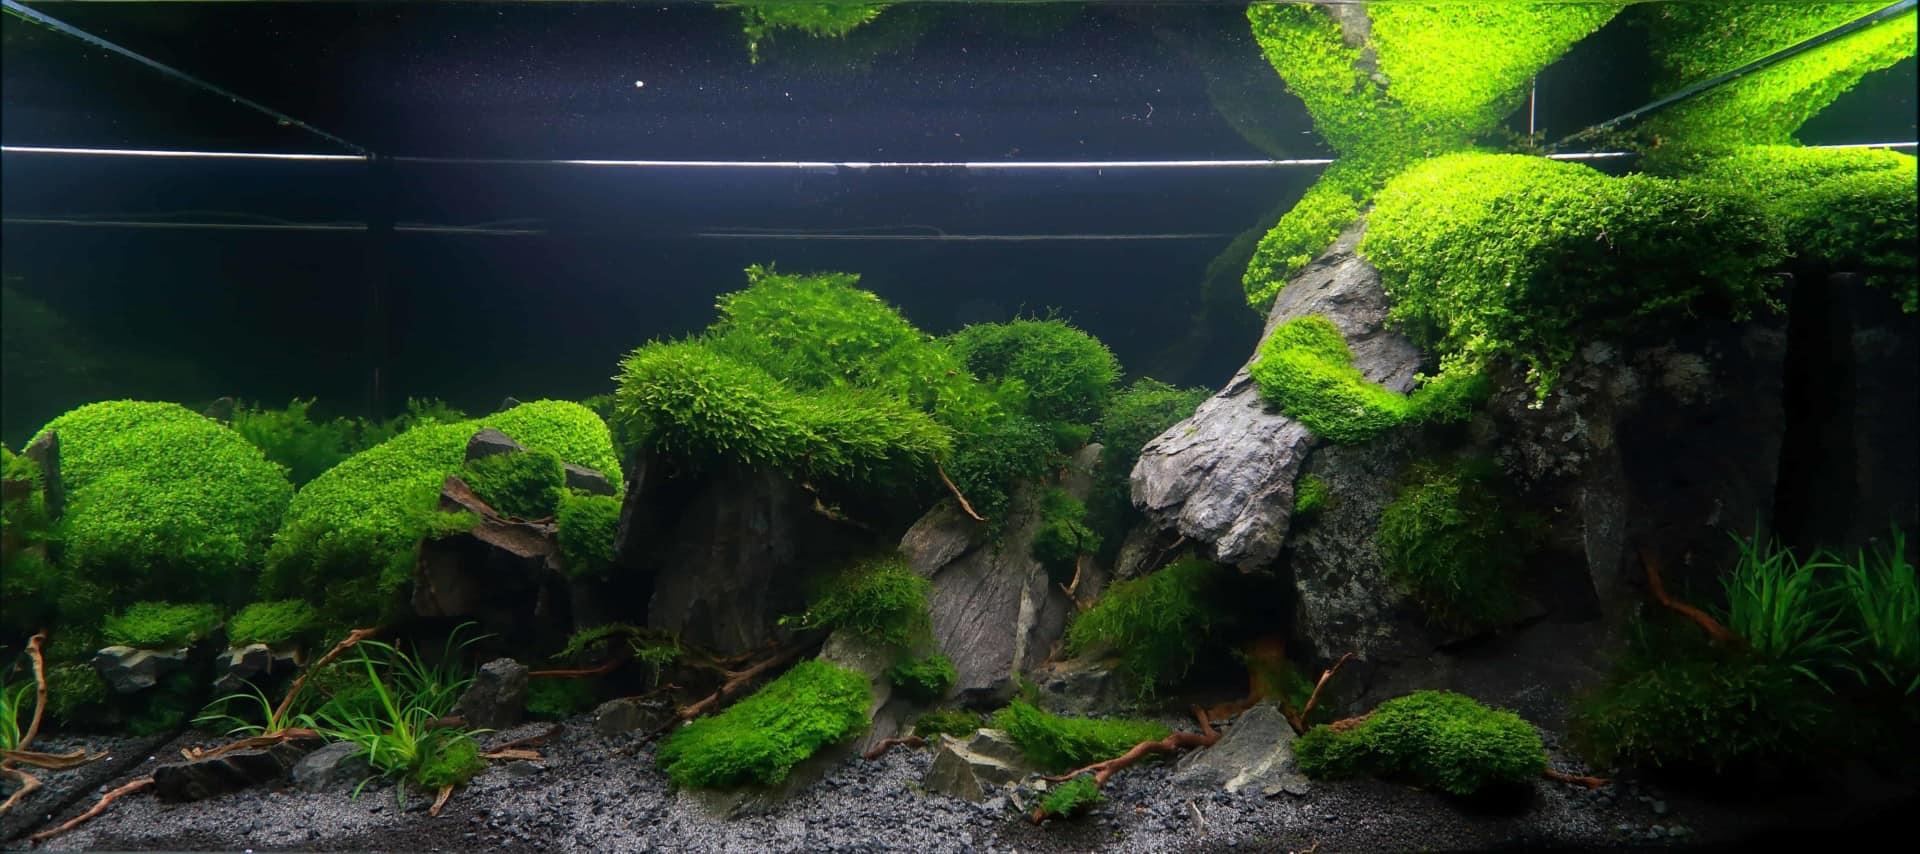 191 - The Art of the Planted Aquarium - Neuheiten und Möglichkeiten zum Mitmachen im April 2019 (Stefanie Hesse) 2